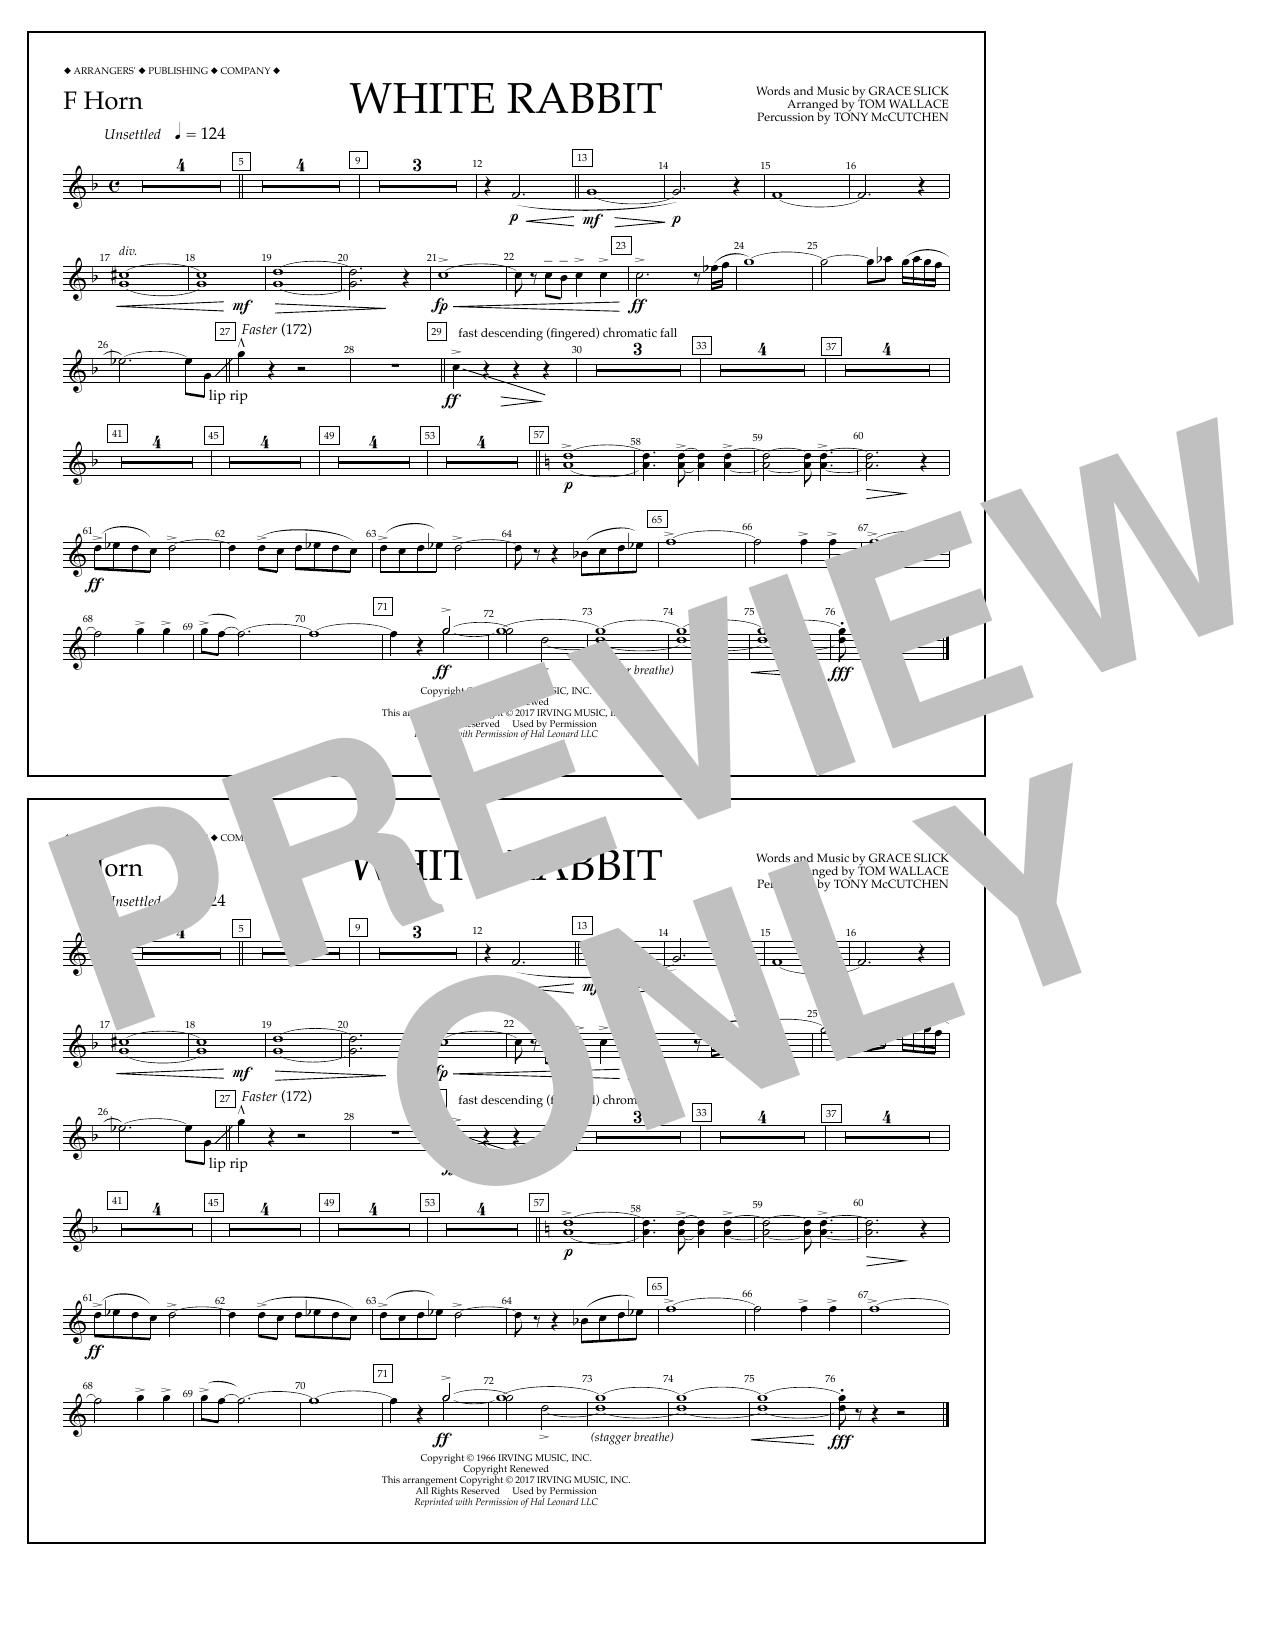 White Rabbit - F Horn Sheet Music